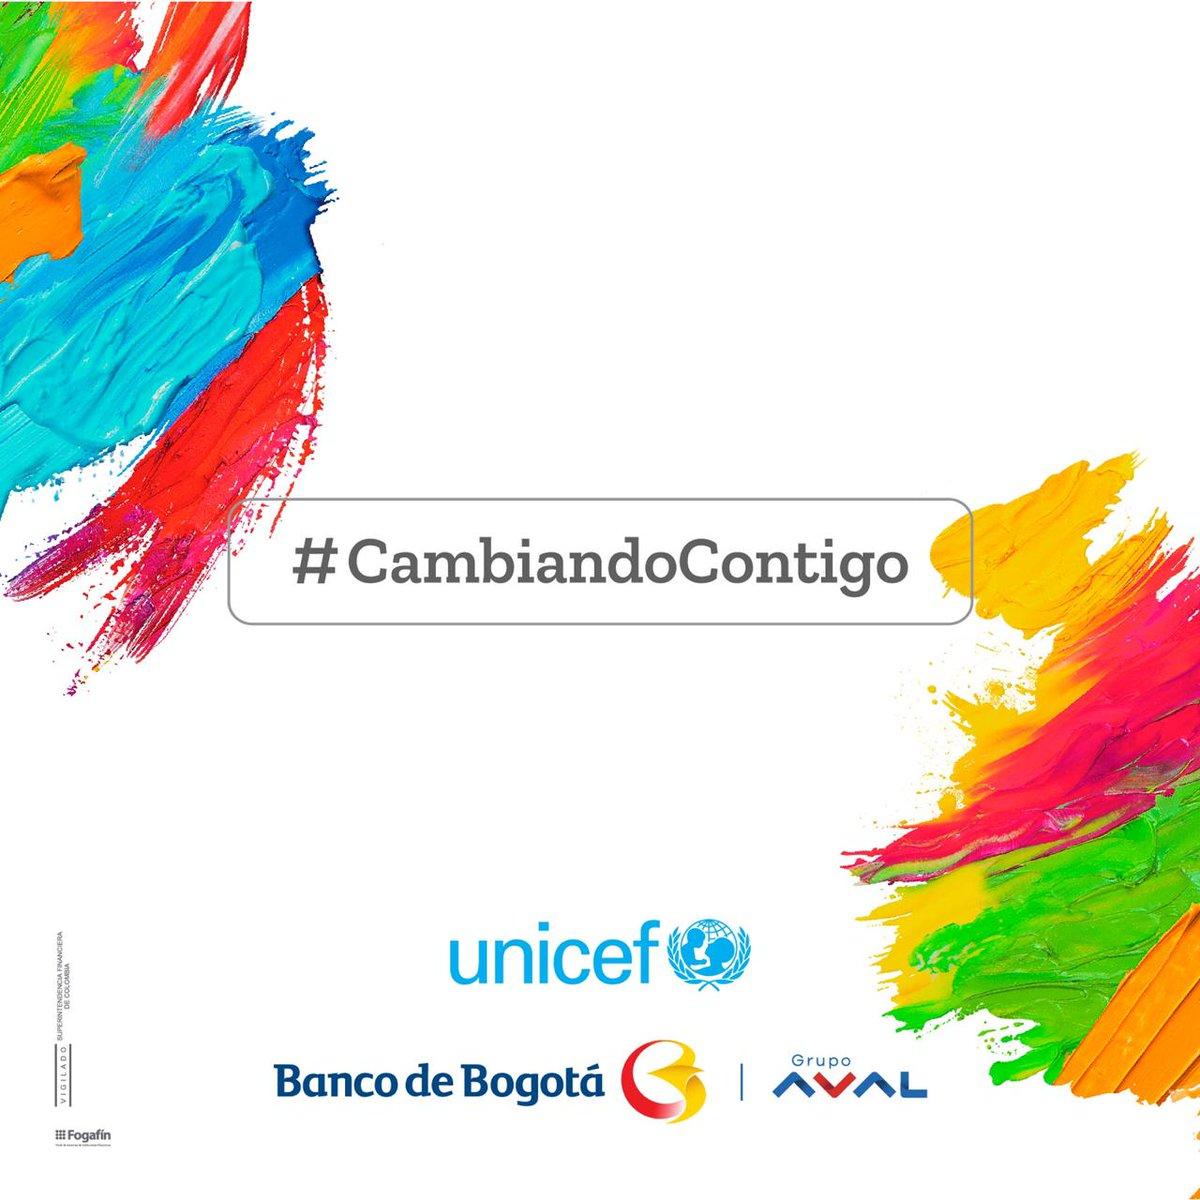 Viene ahora el turno de  @Fonseca en el festival  https://t.co/rVViRWN9rT. Con  #CAMBIANDOCONTIGO la meta de @UNICEF y el Banco de Bogotá es recoger fondos para 100.000 niños. 💙💙💙 https://t.co/WX3JyH5l7J